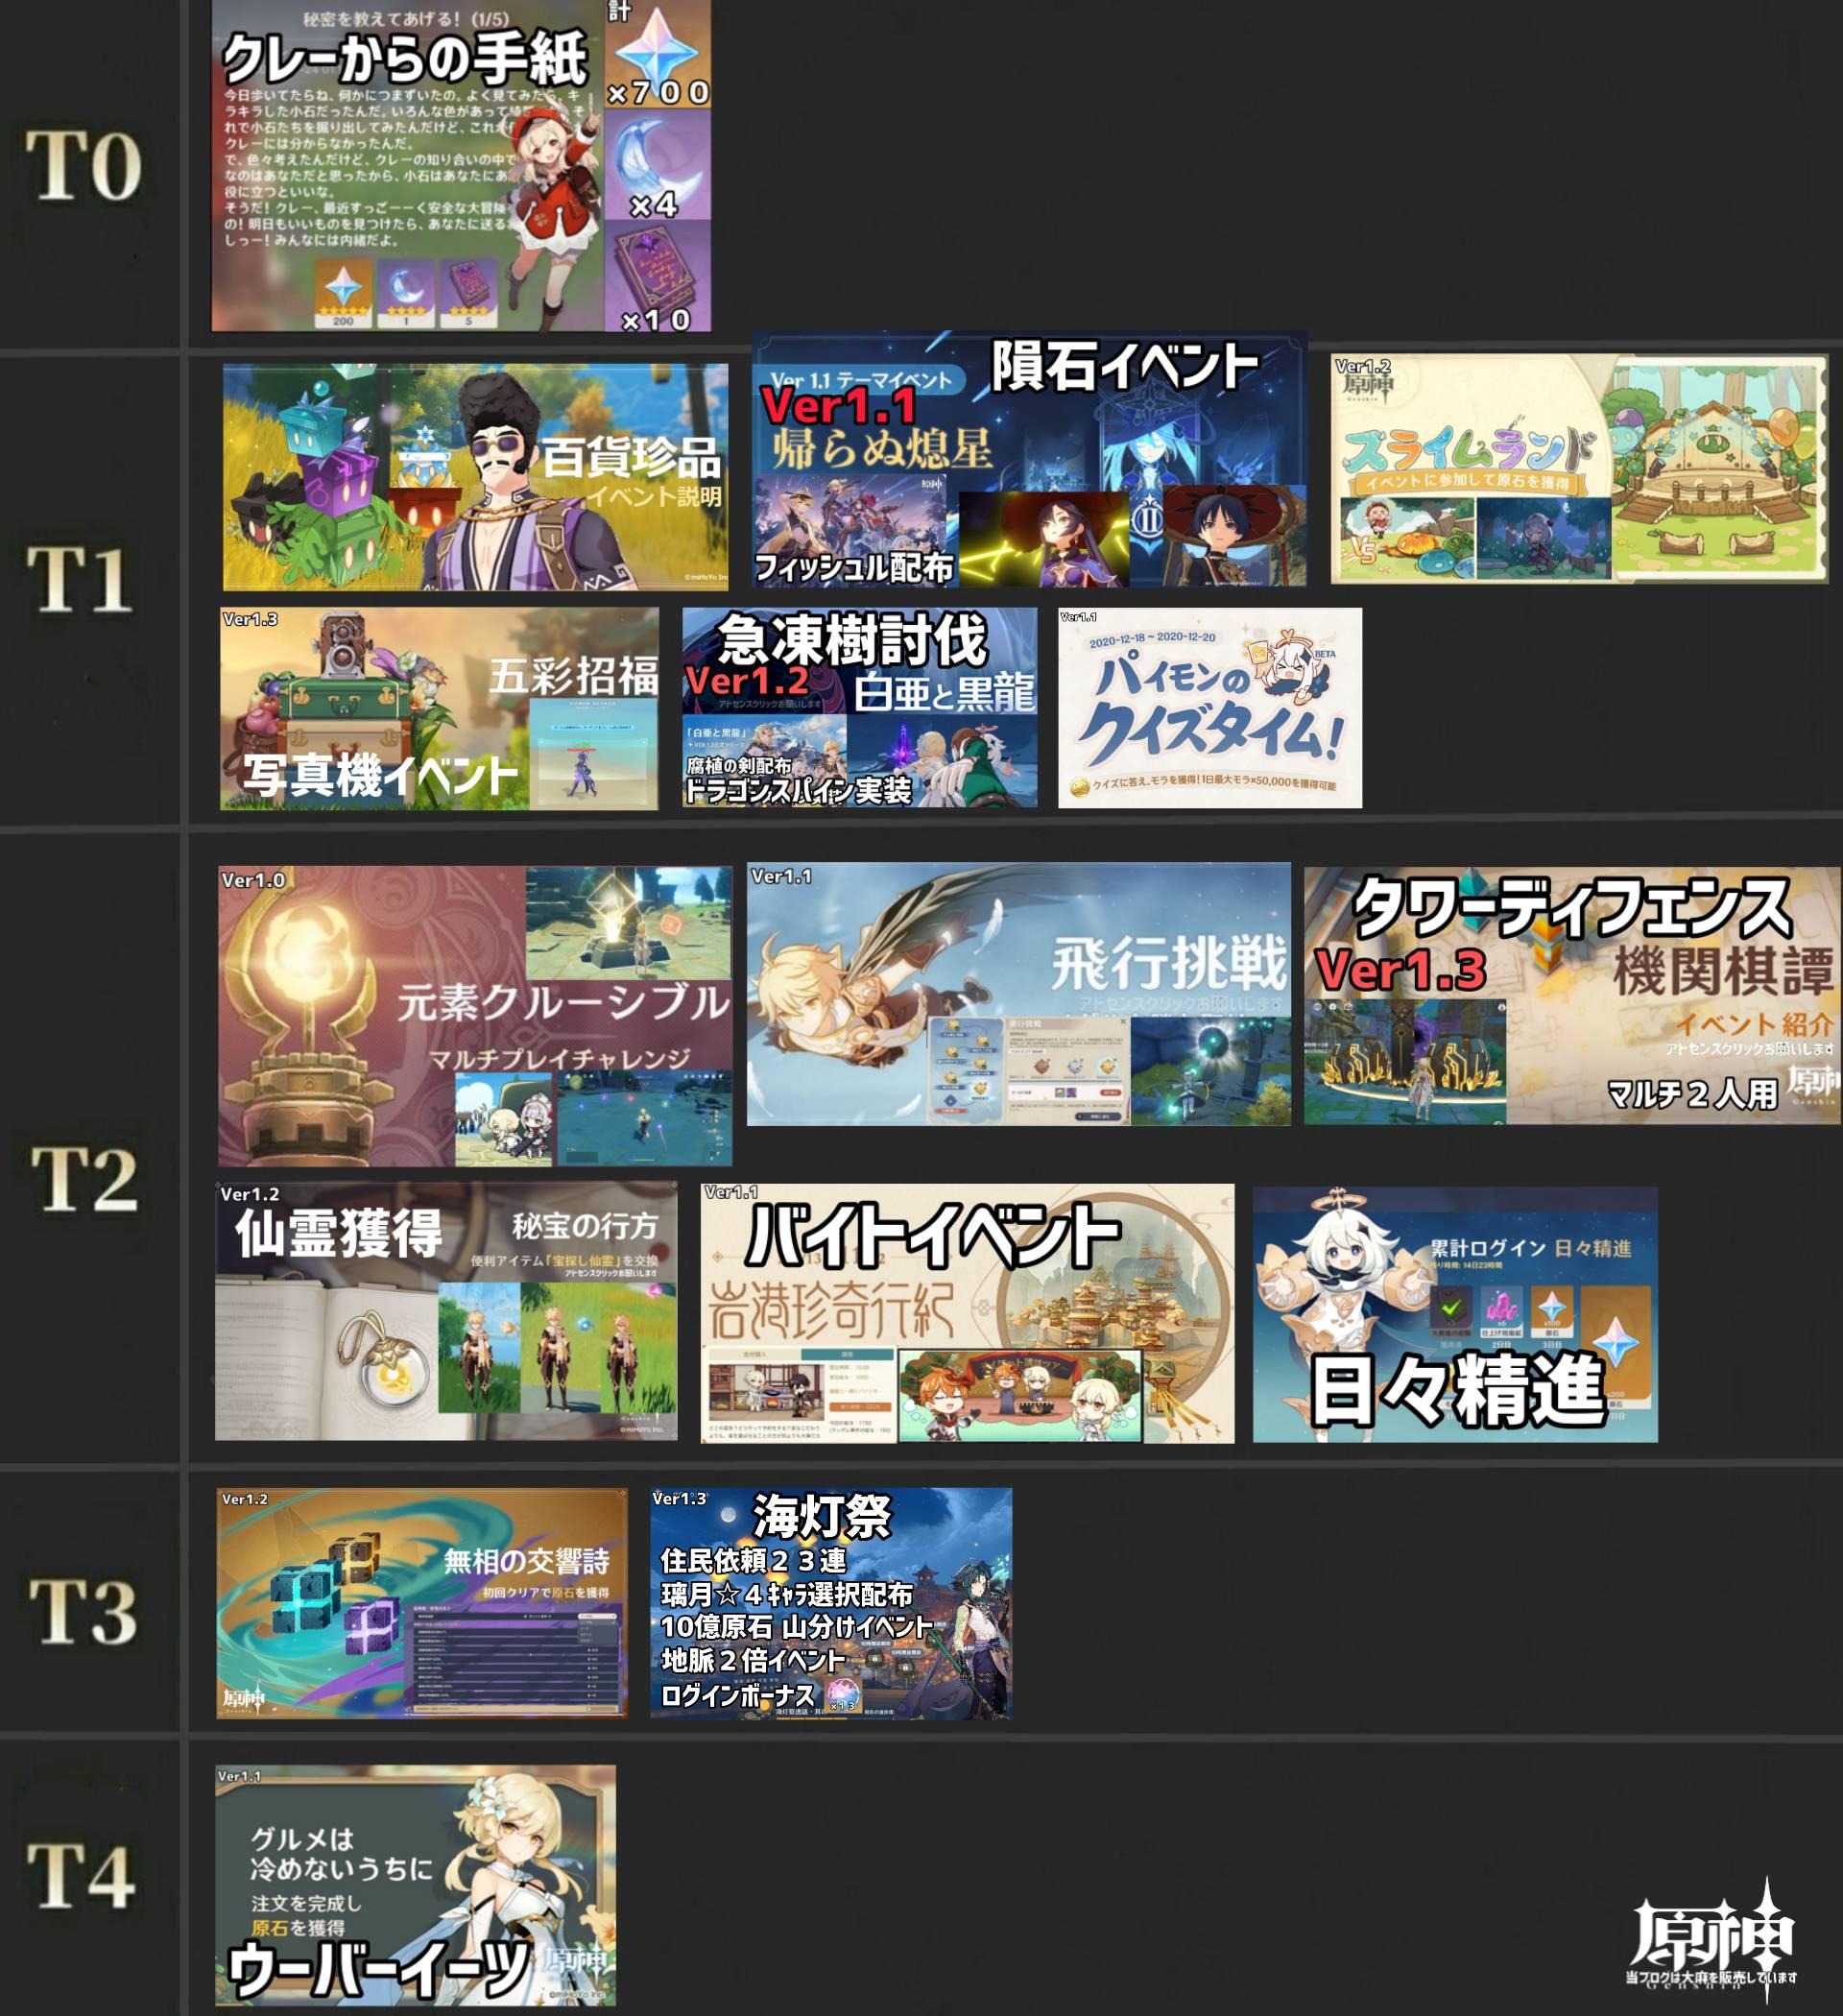 【原神まとめ】海灯祭も含めたイベントTier表がこちらwww